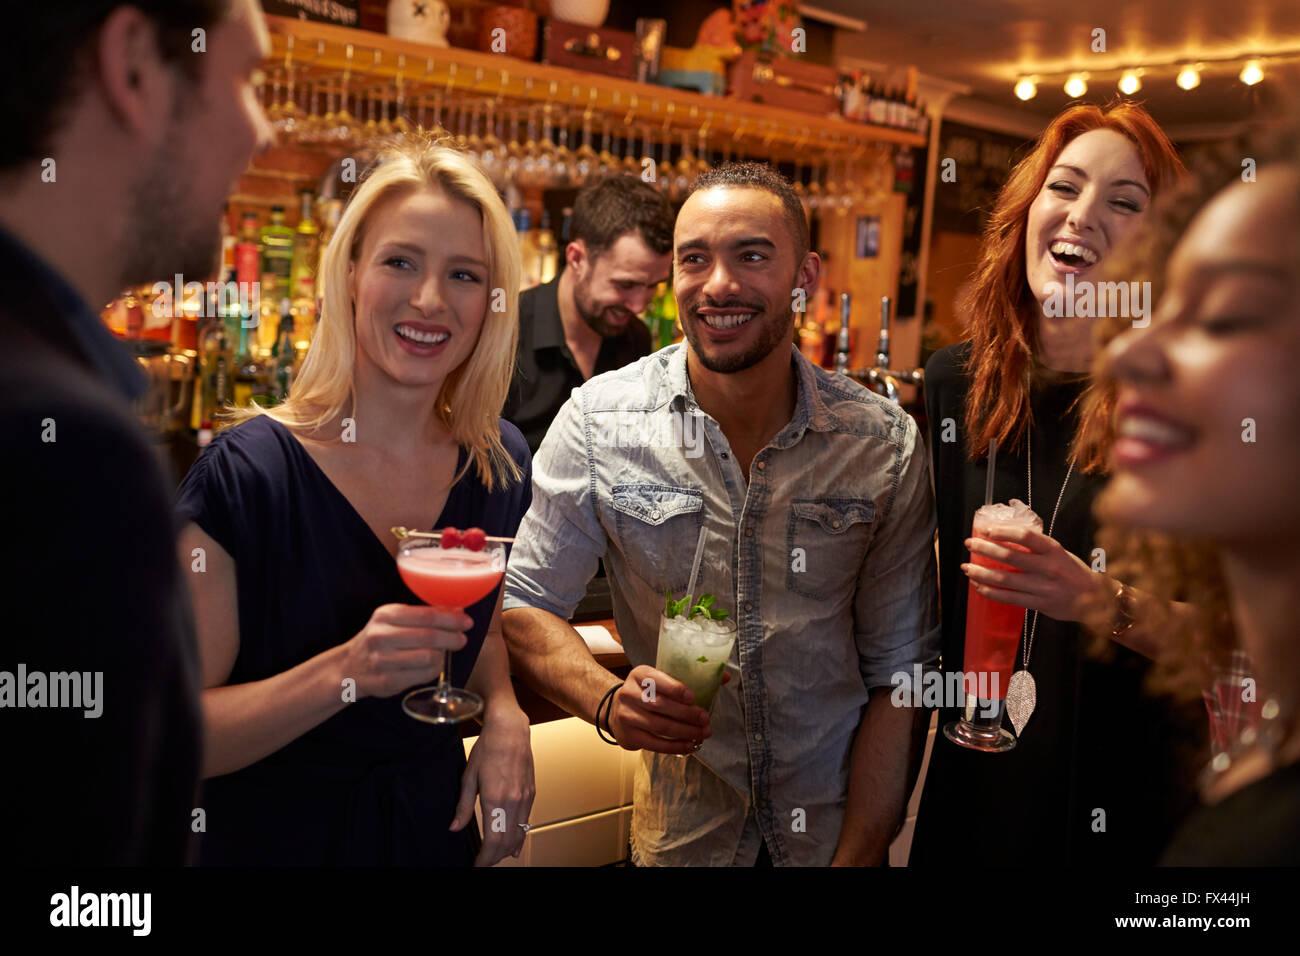 Réunion du Groupe des amis pour prendre un verre en soirée au bar à cocktails Photo Stock